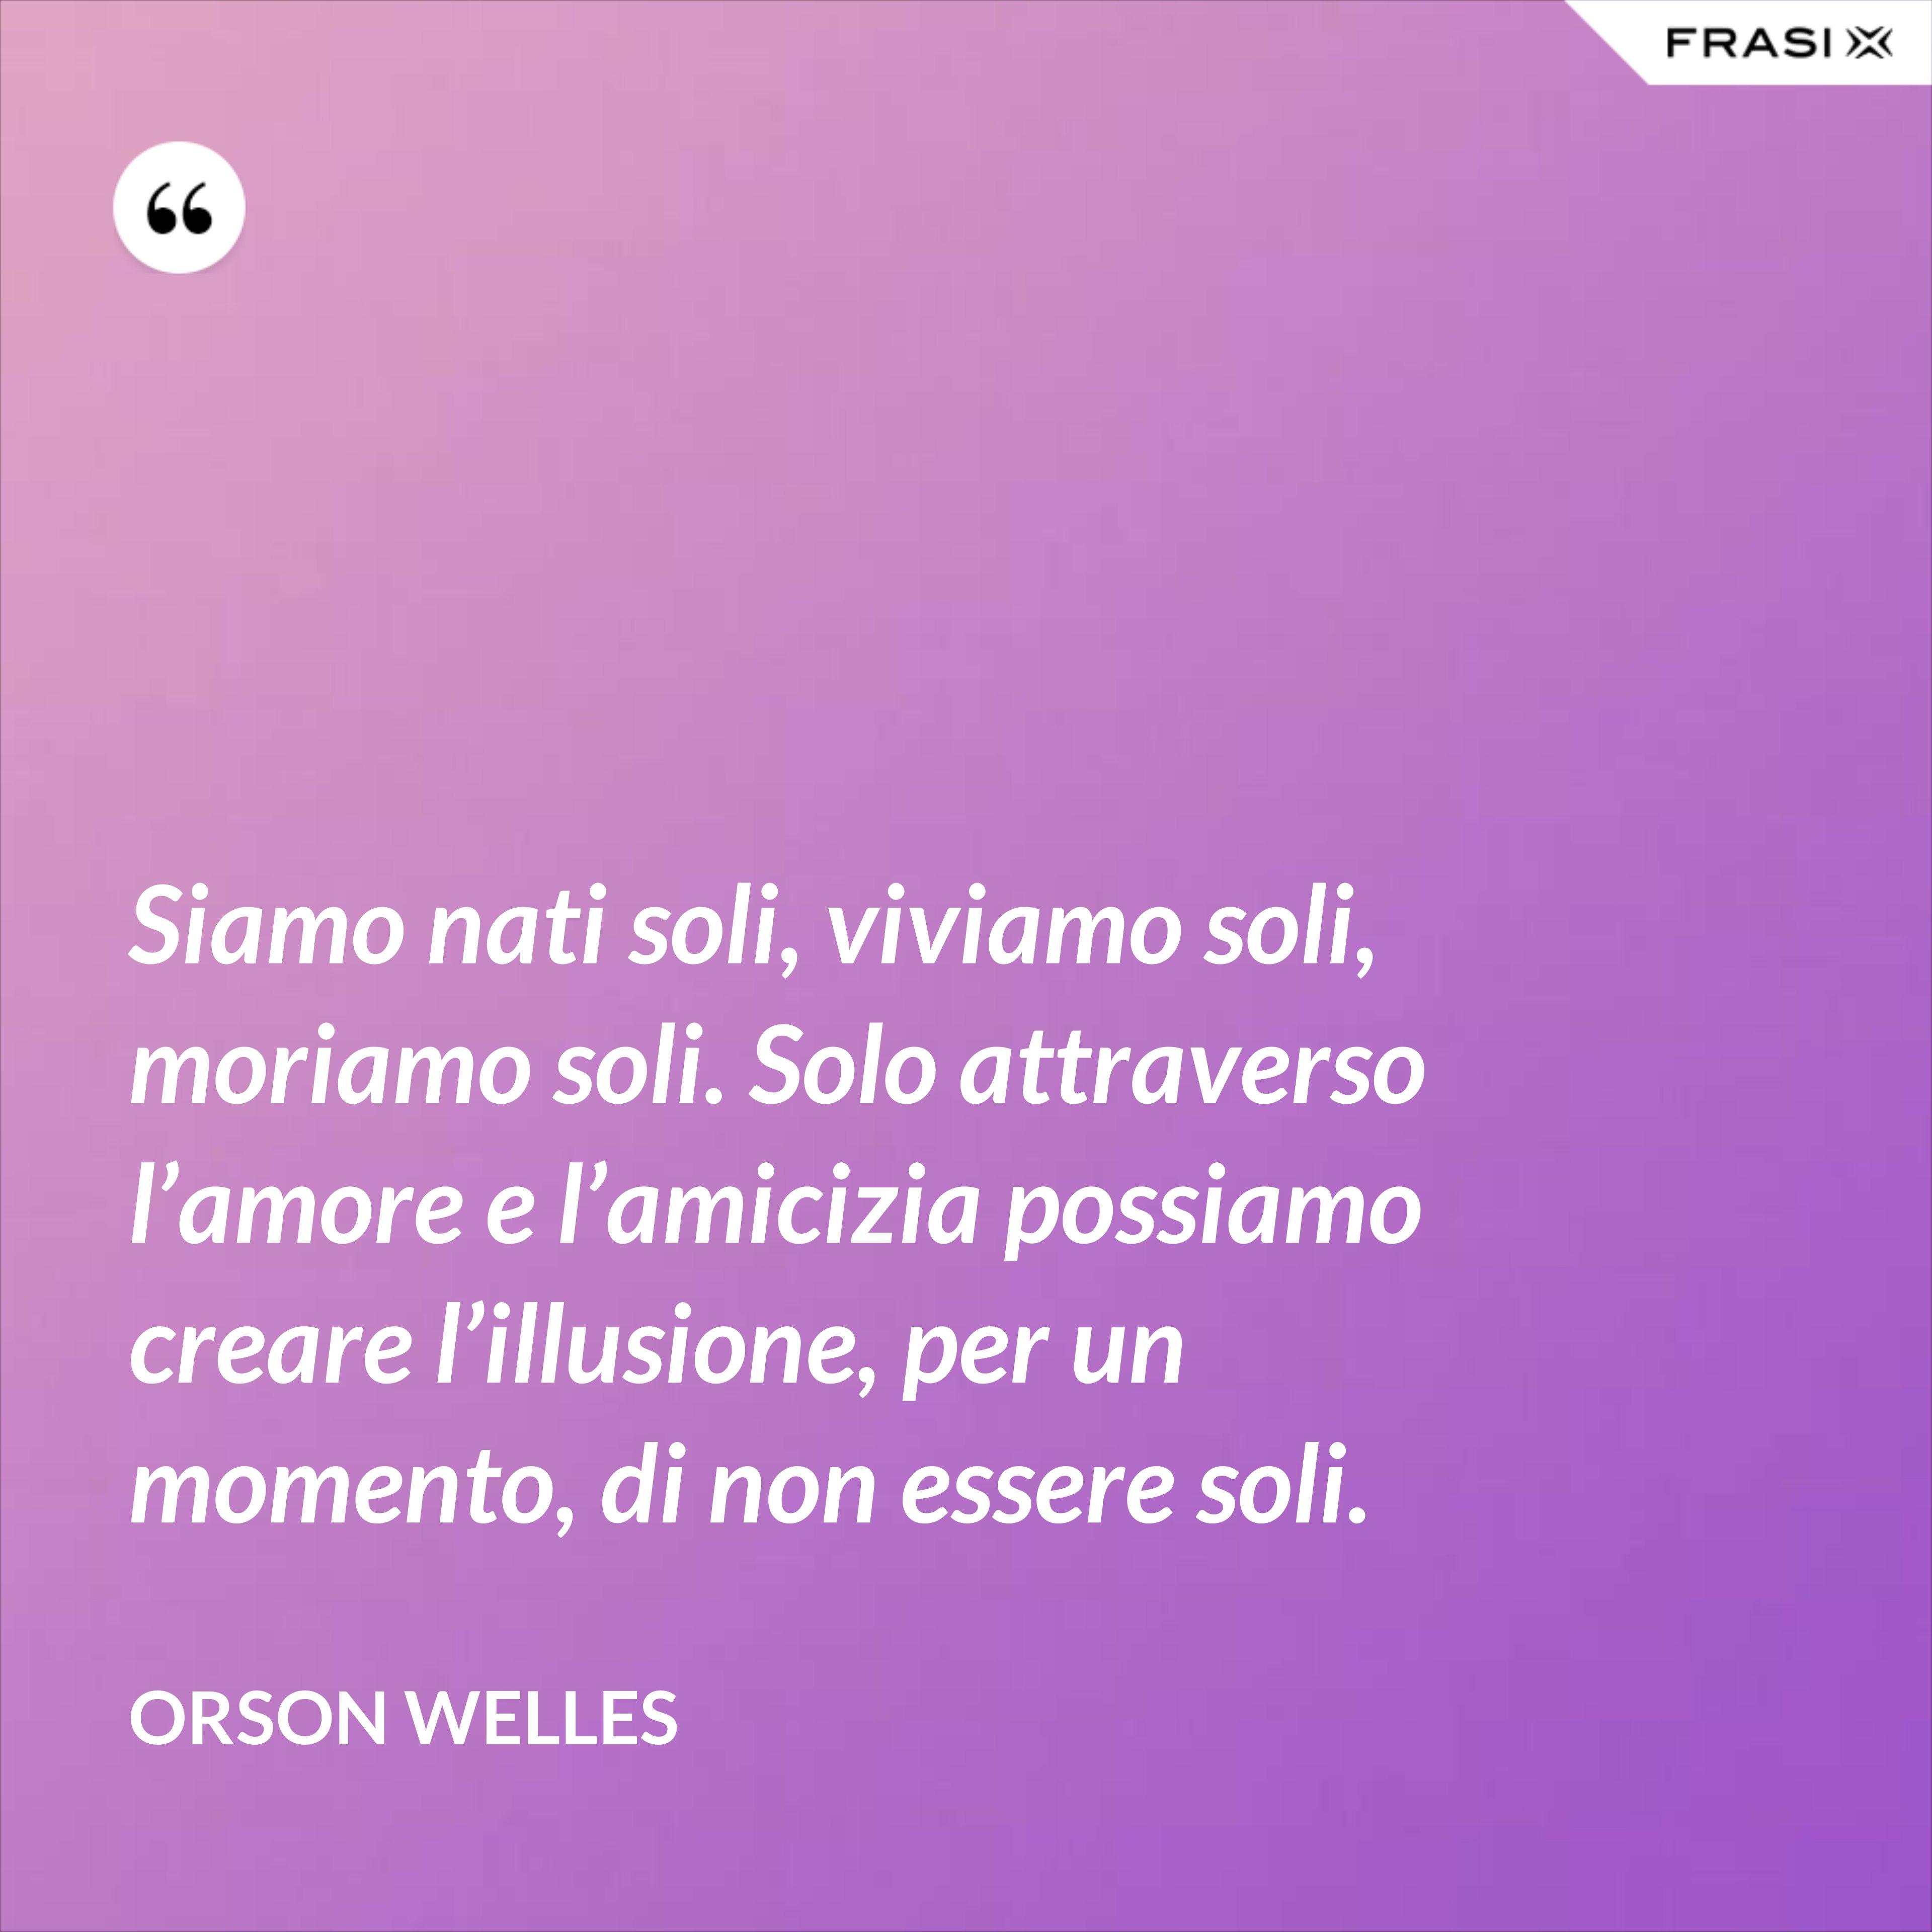 Siamo nati soli, viviamo soli, moriamo soli. Solo attraverso l'amore e l'amicizia possiamo creare l'illusione, per un momento, di non essere soli. - Orson Welles